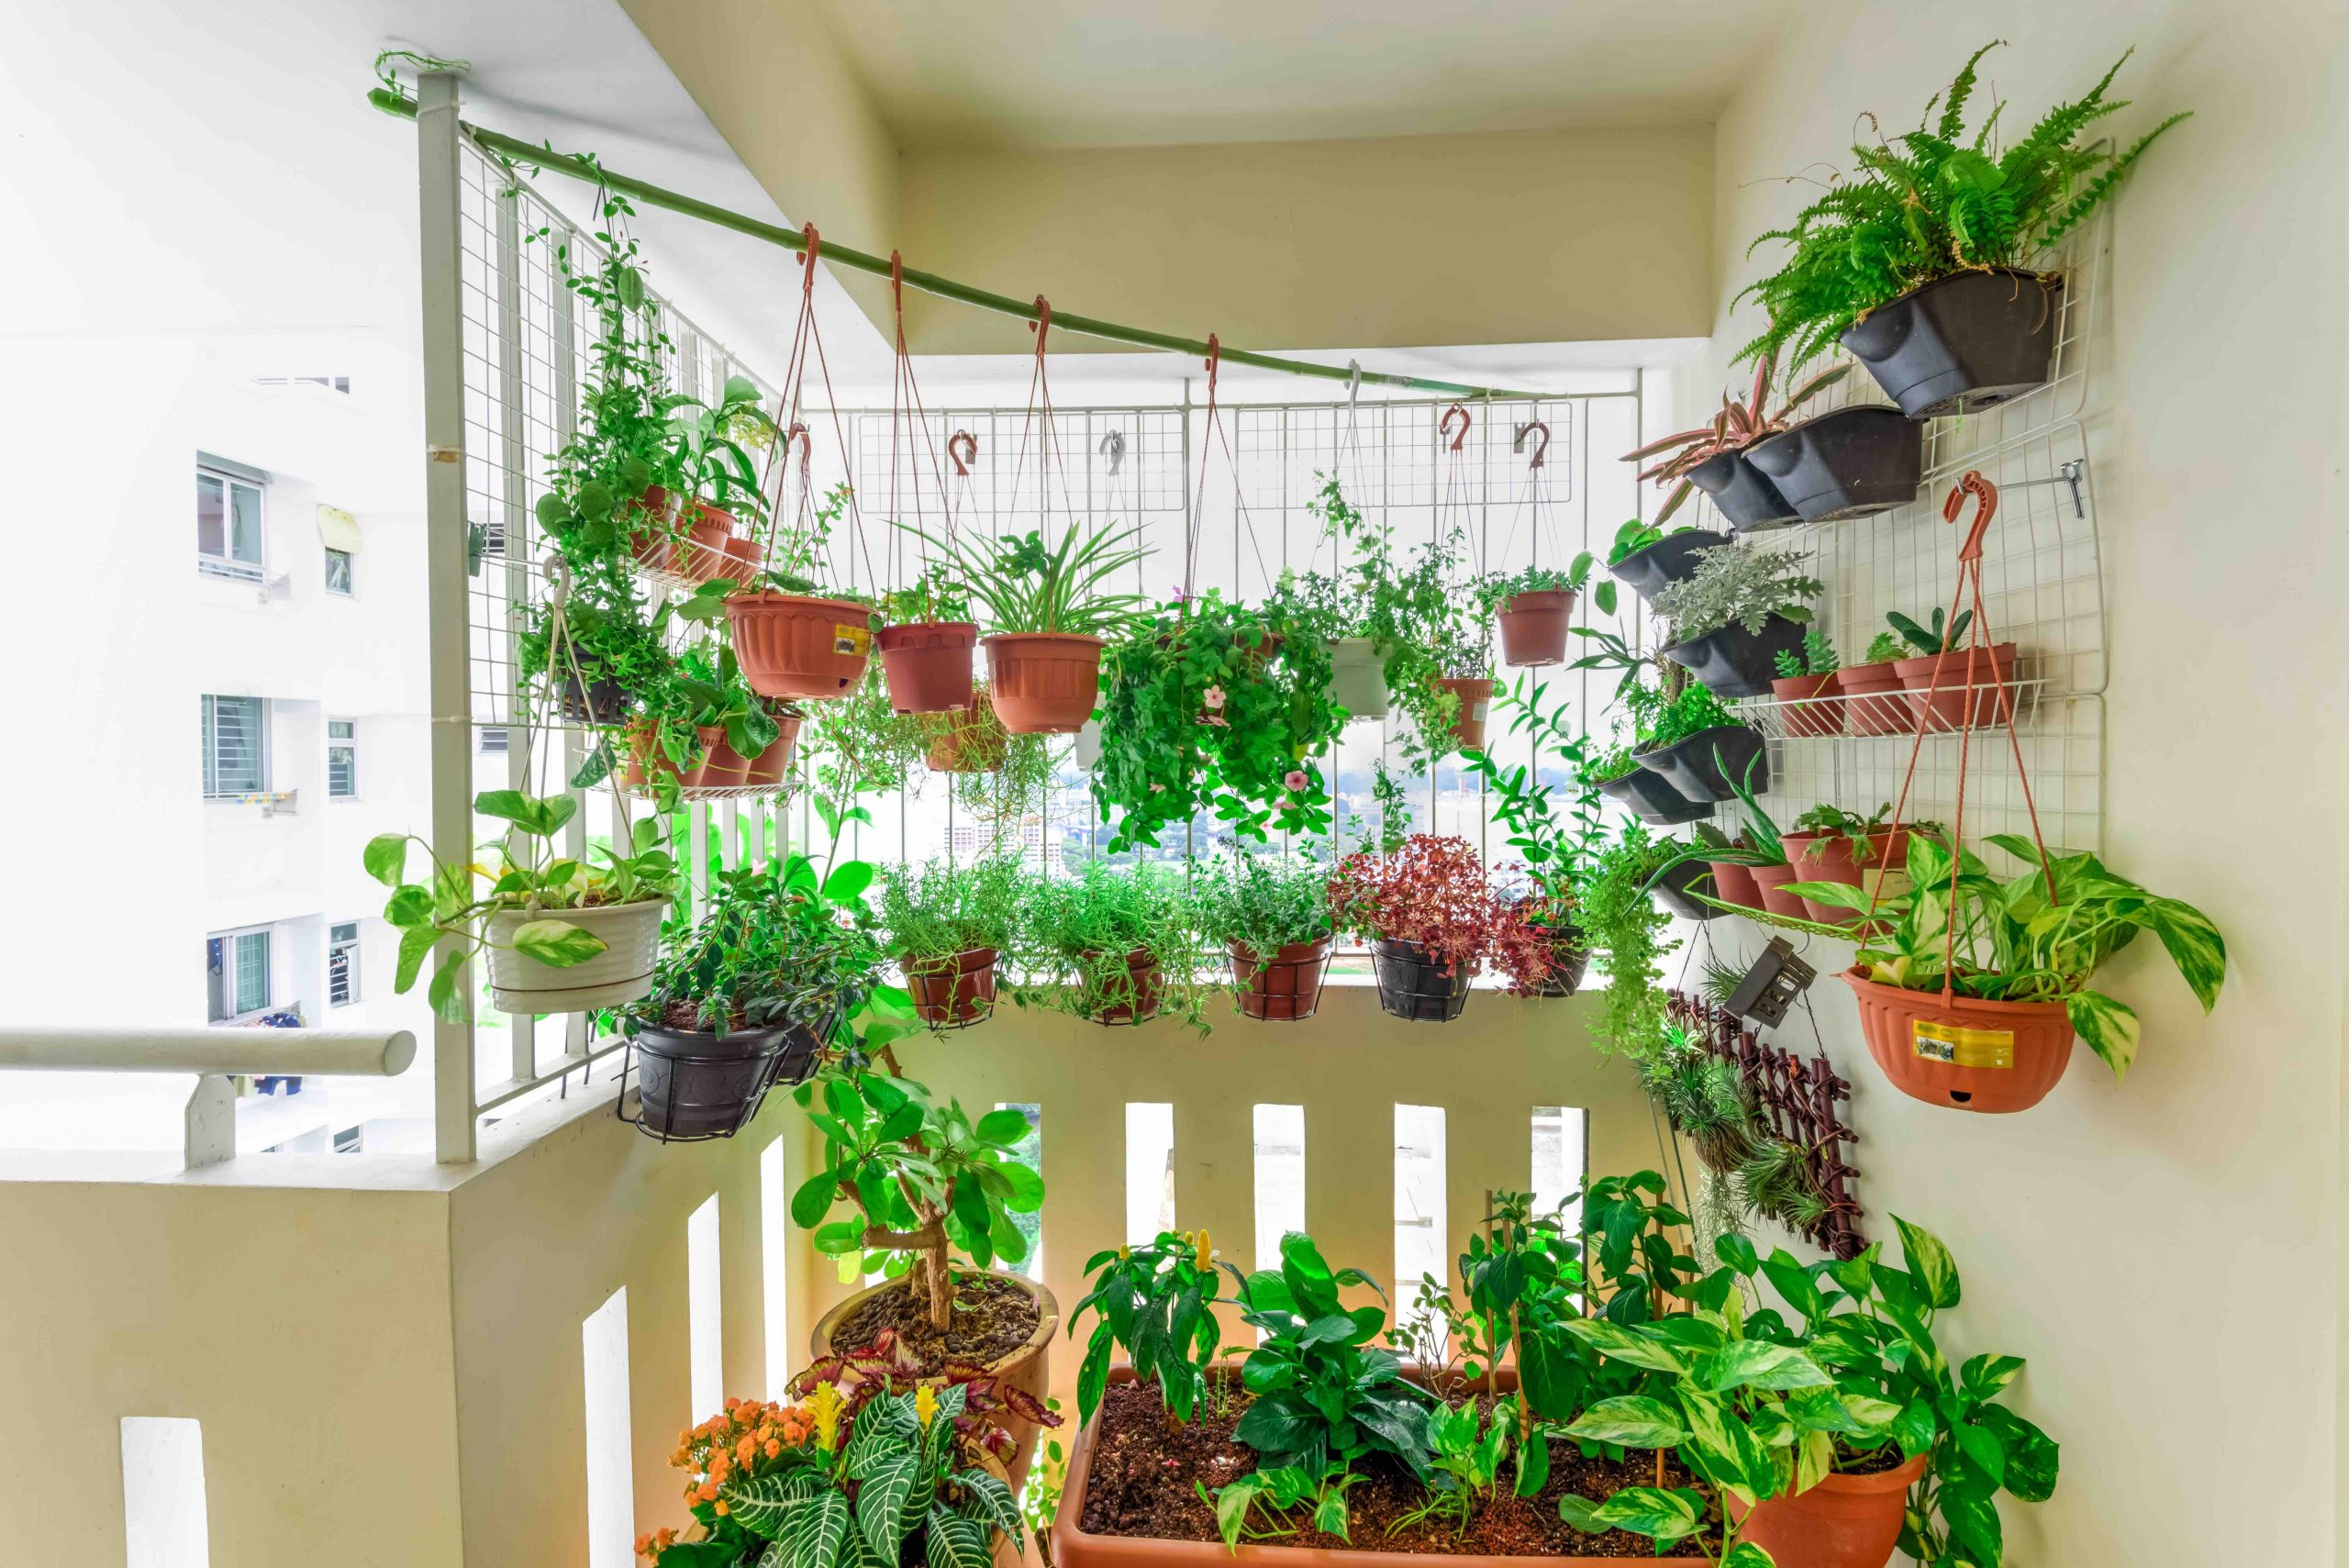 4 Conseils Pour Cultiver Des Plantes Sur Un Balcon – Du ... concernant Faire Un Jardin Sur Son Balcon